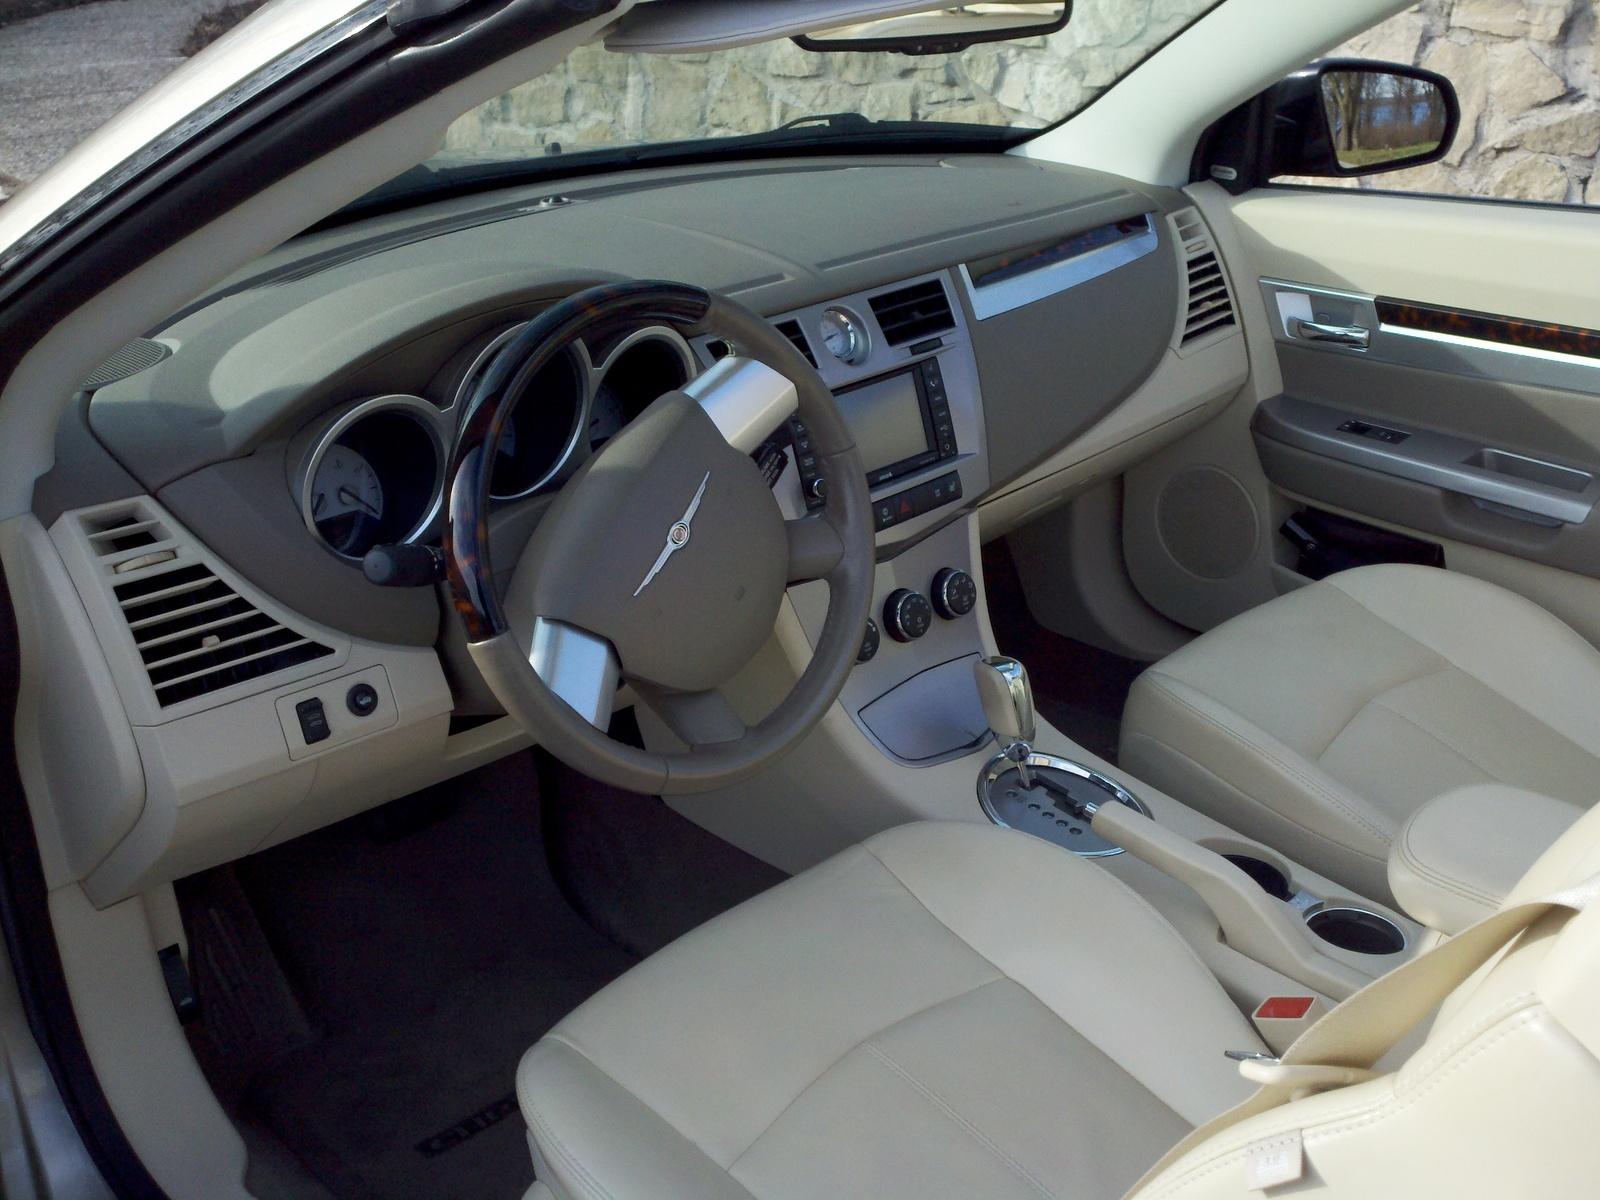 2008 Chrysler Sebring Interior Pictures Cargurus